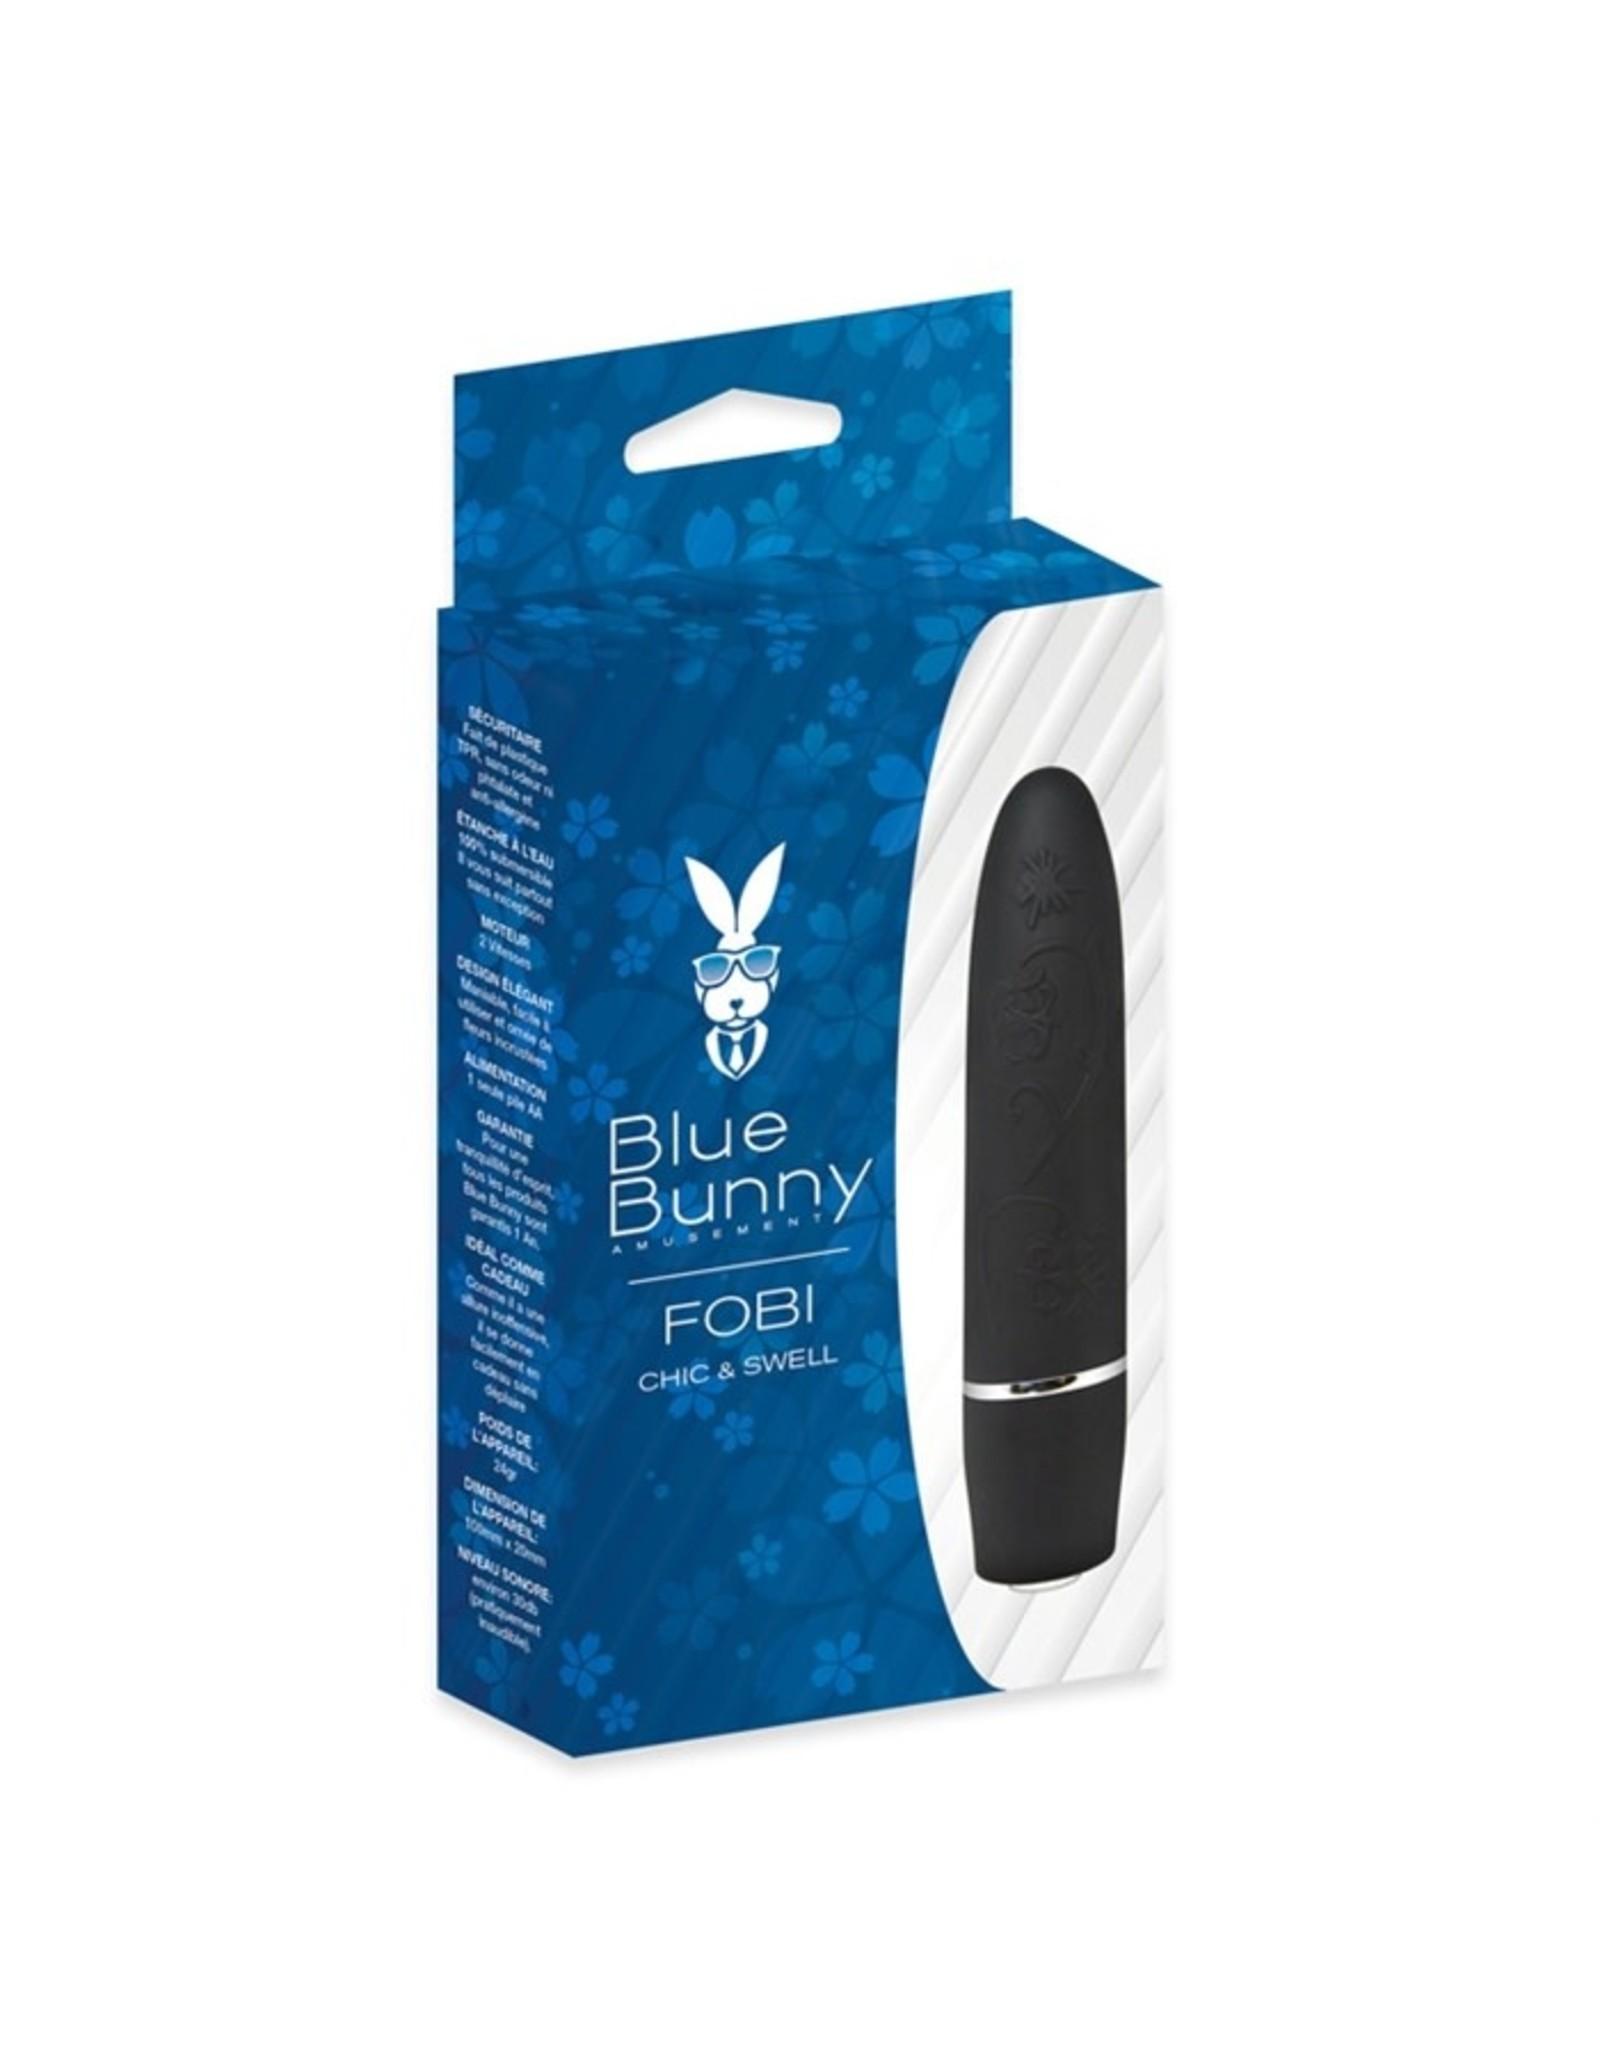 Blue Bunny Blue Bunny - Fobi